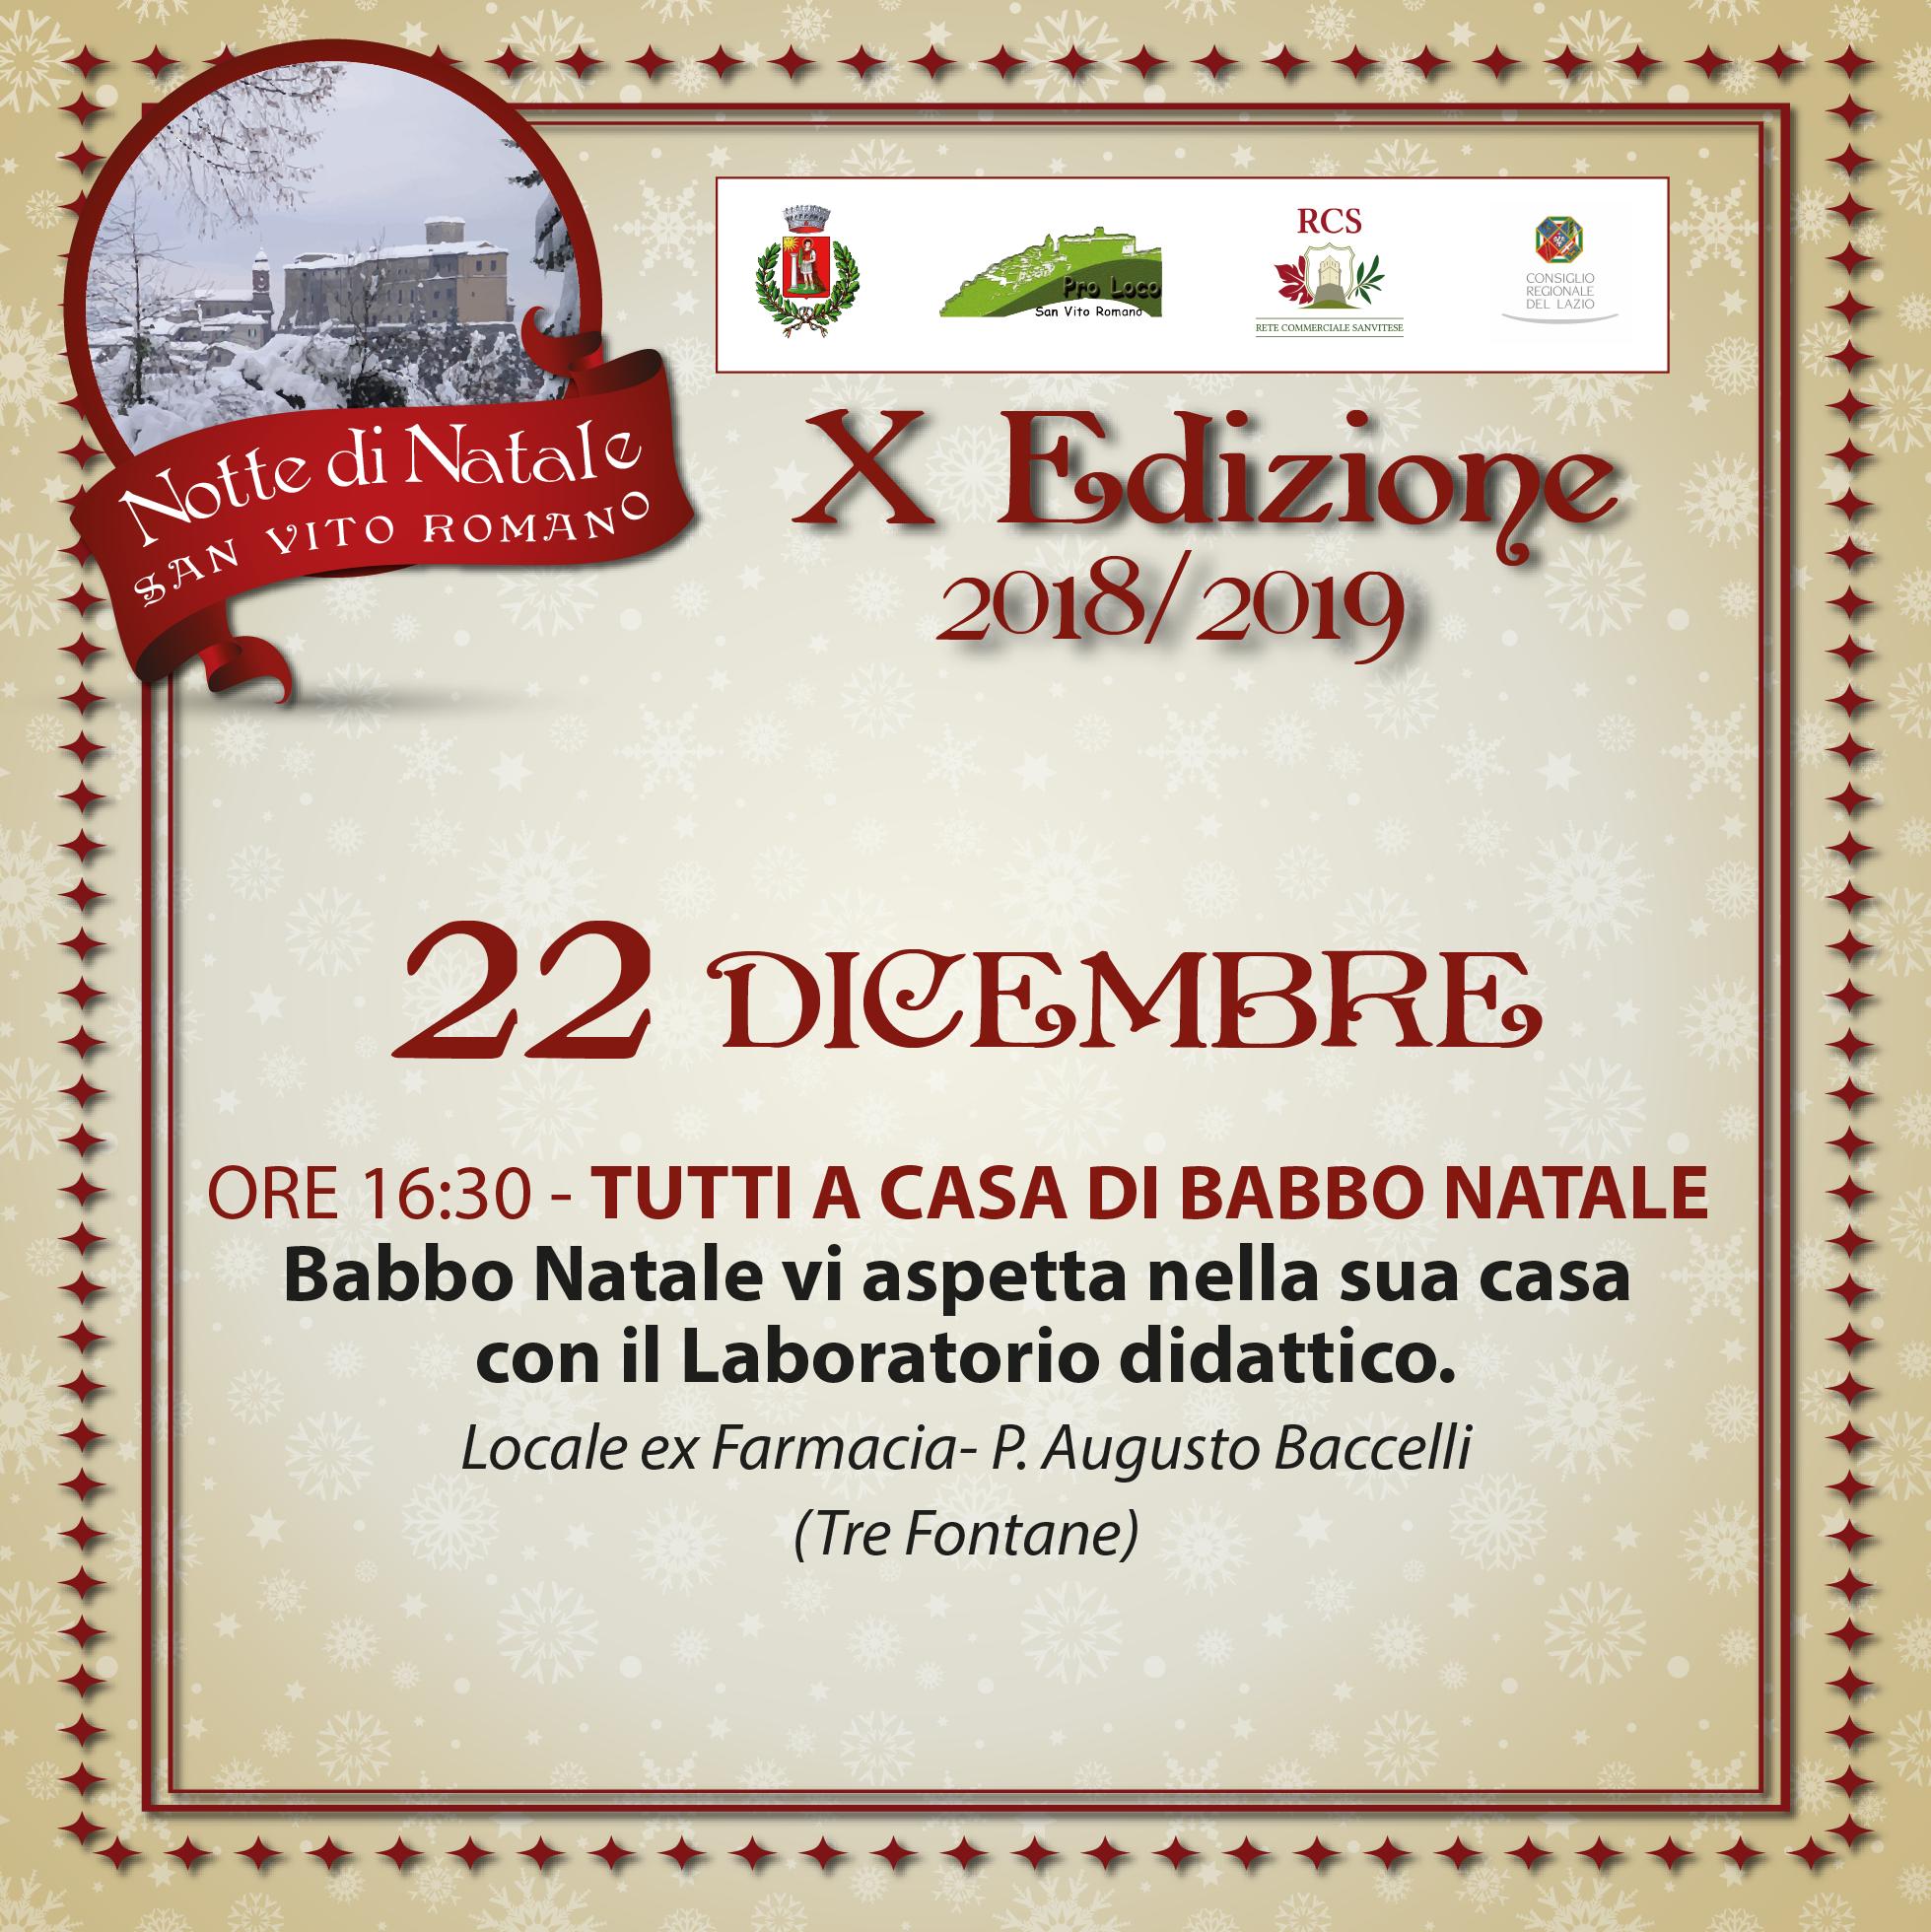 Babbo Natale Whatsapp.22 Dicembre Tutti A Casa Di Babbo Natale Comune Di San Vito Romano